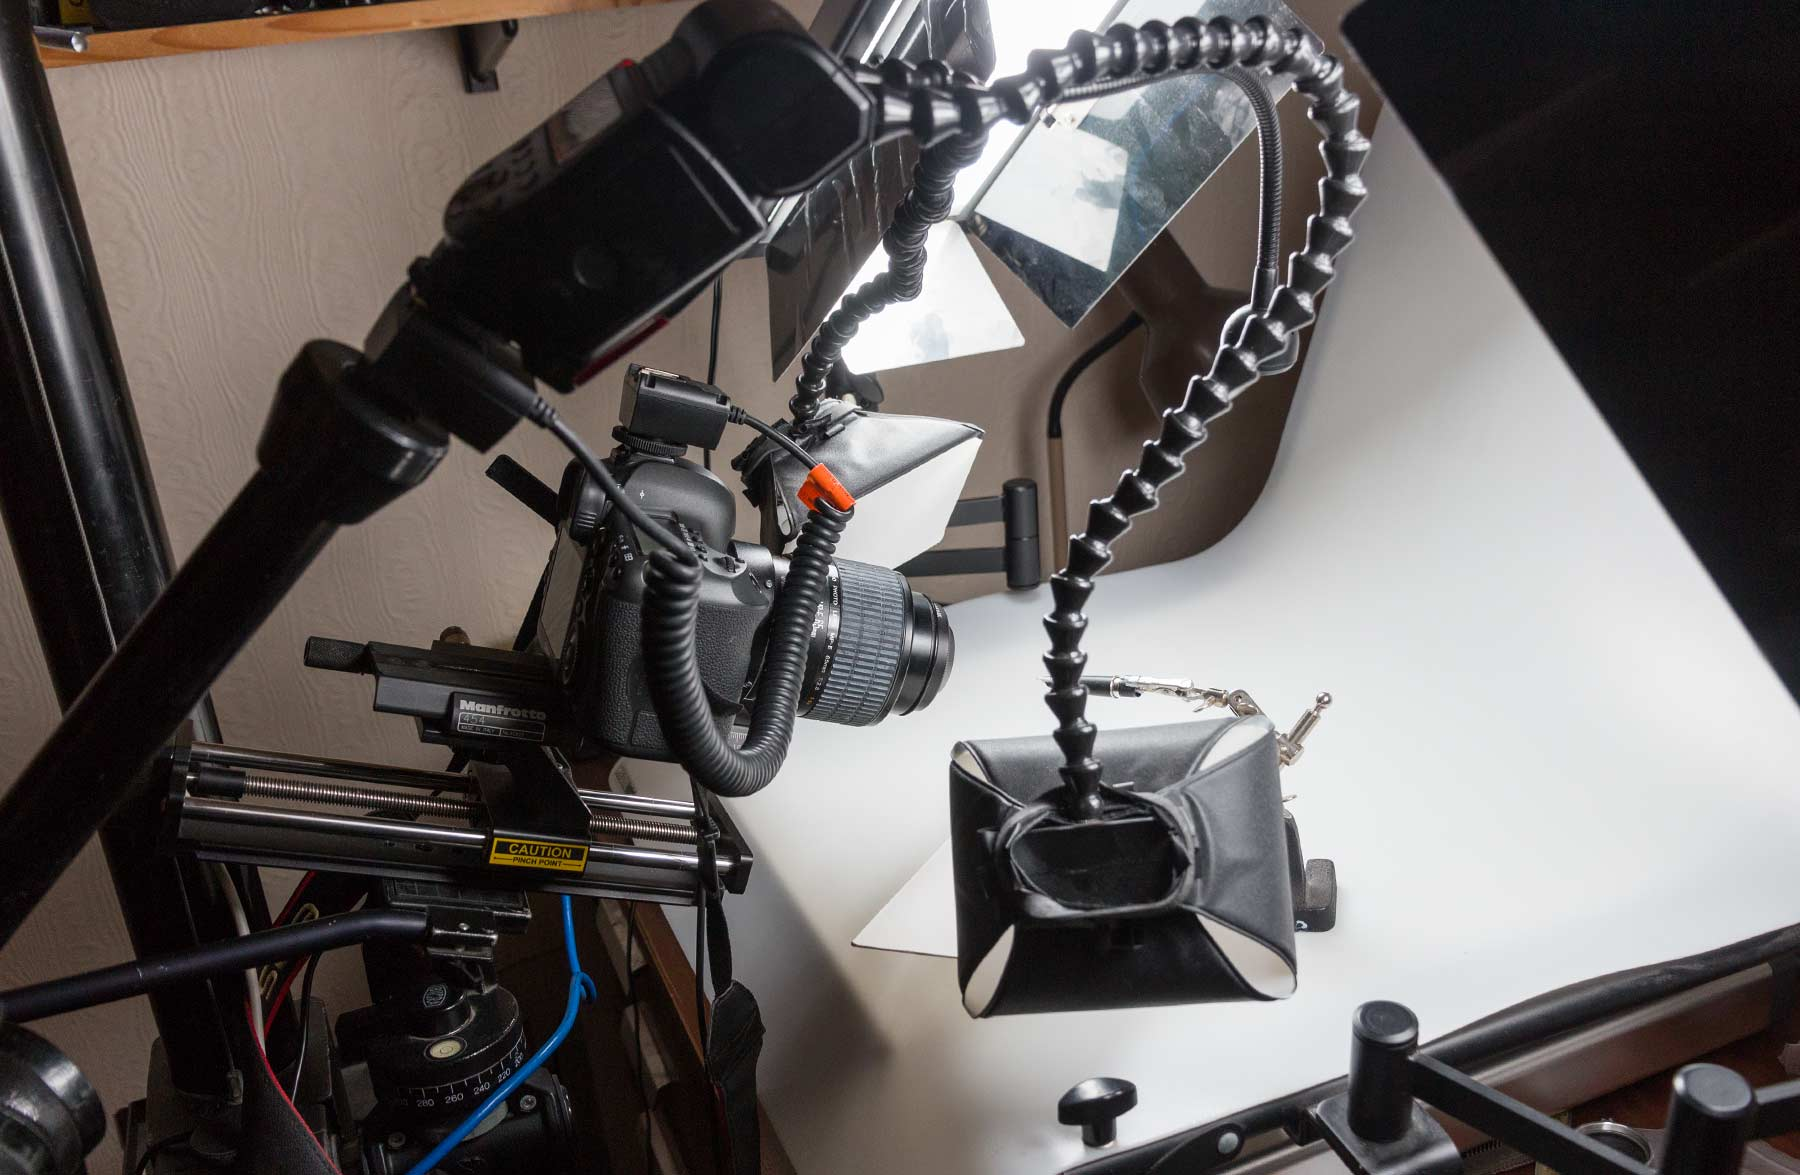 lighting-setup